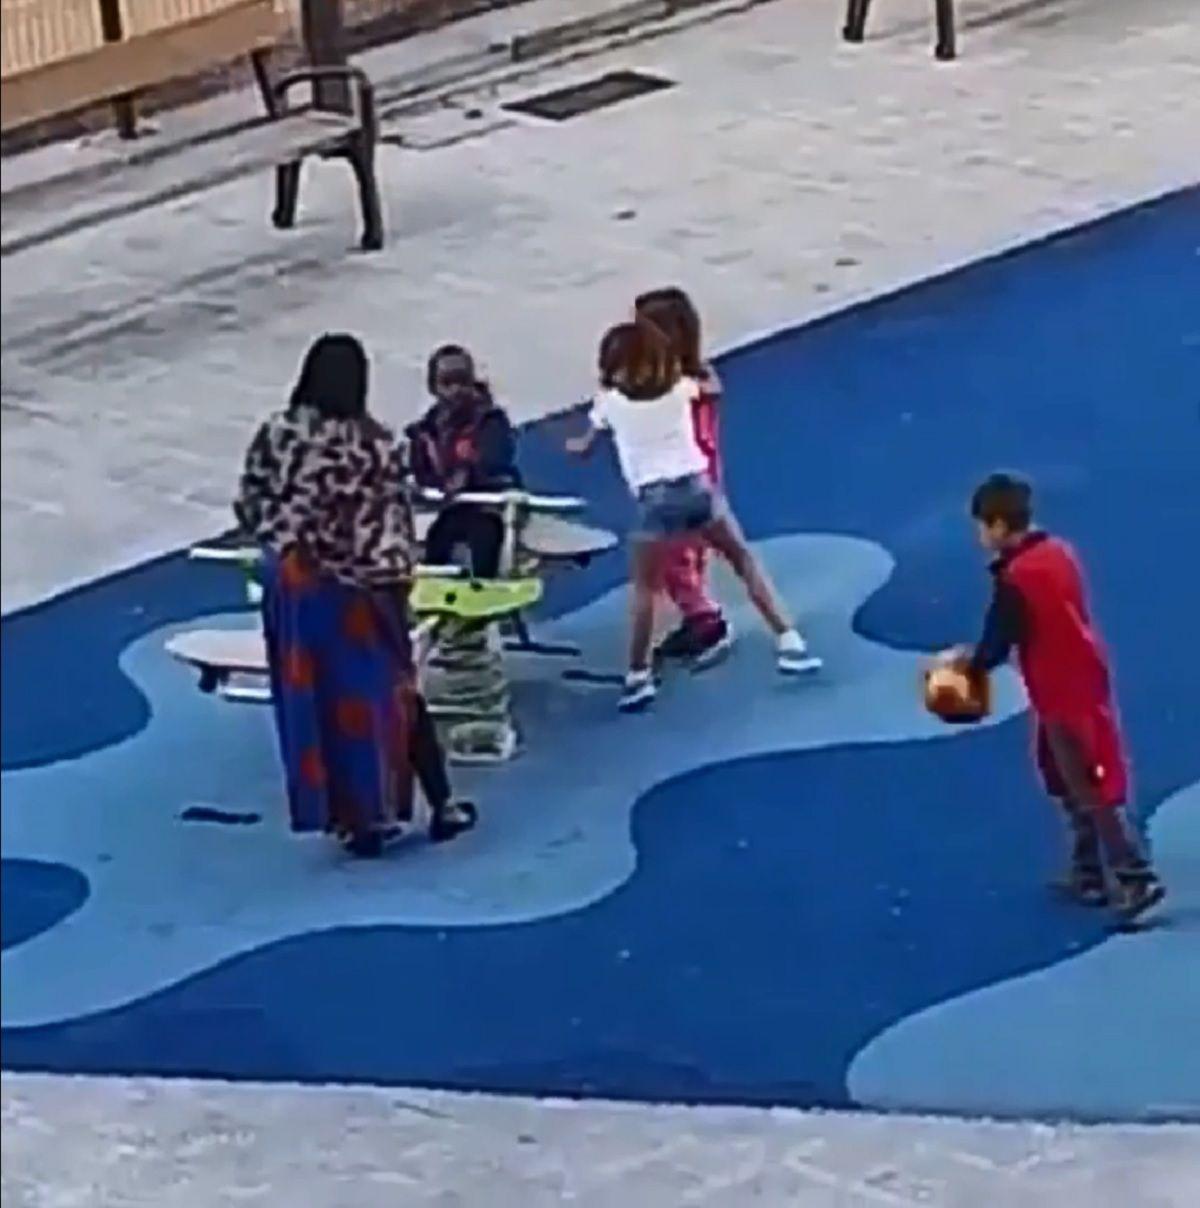 El caso de racismo que más duele: nenes echan a otro de un tobogán por su color de piel